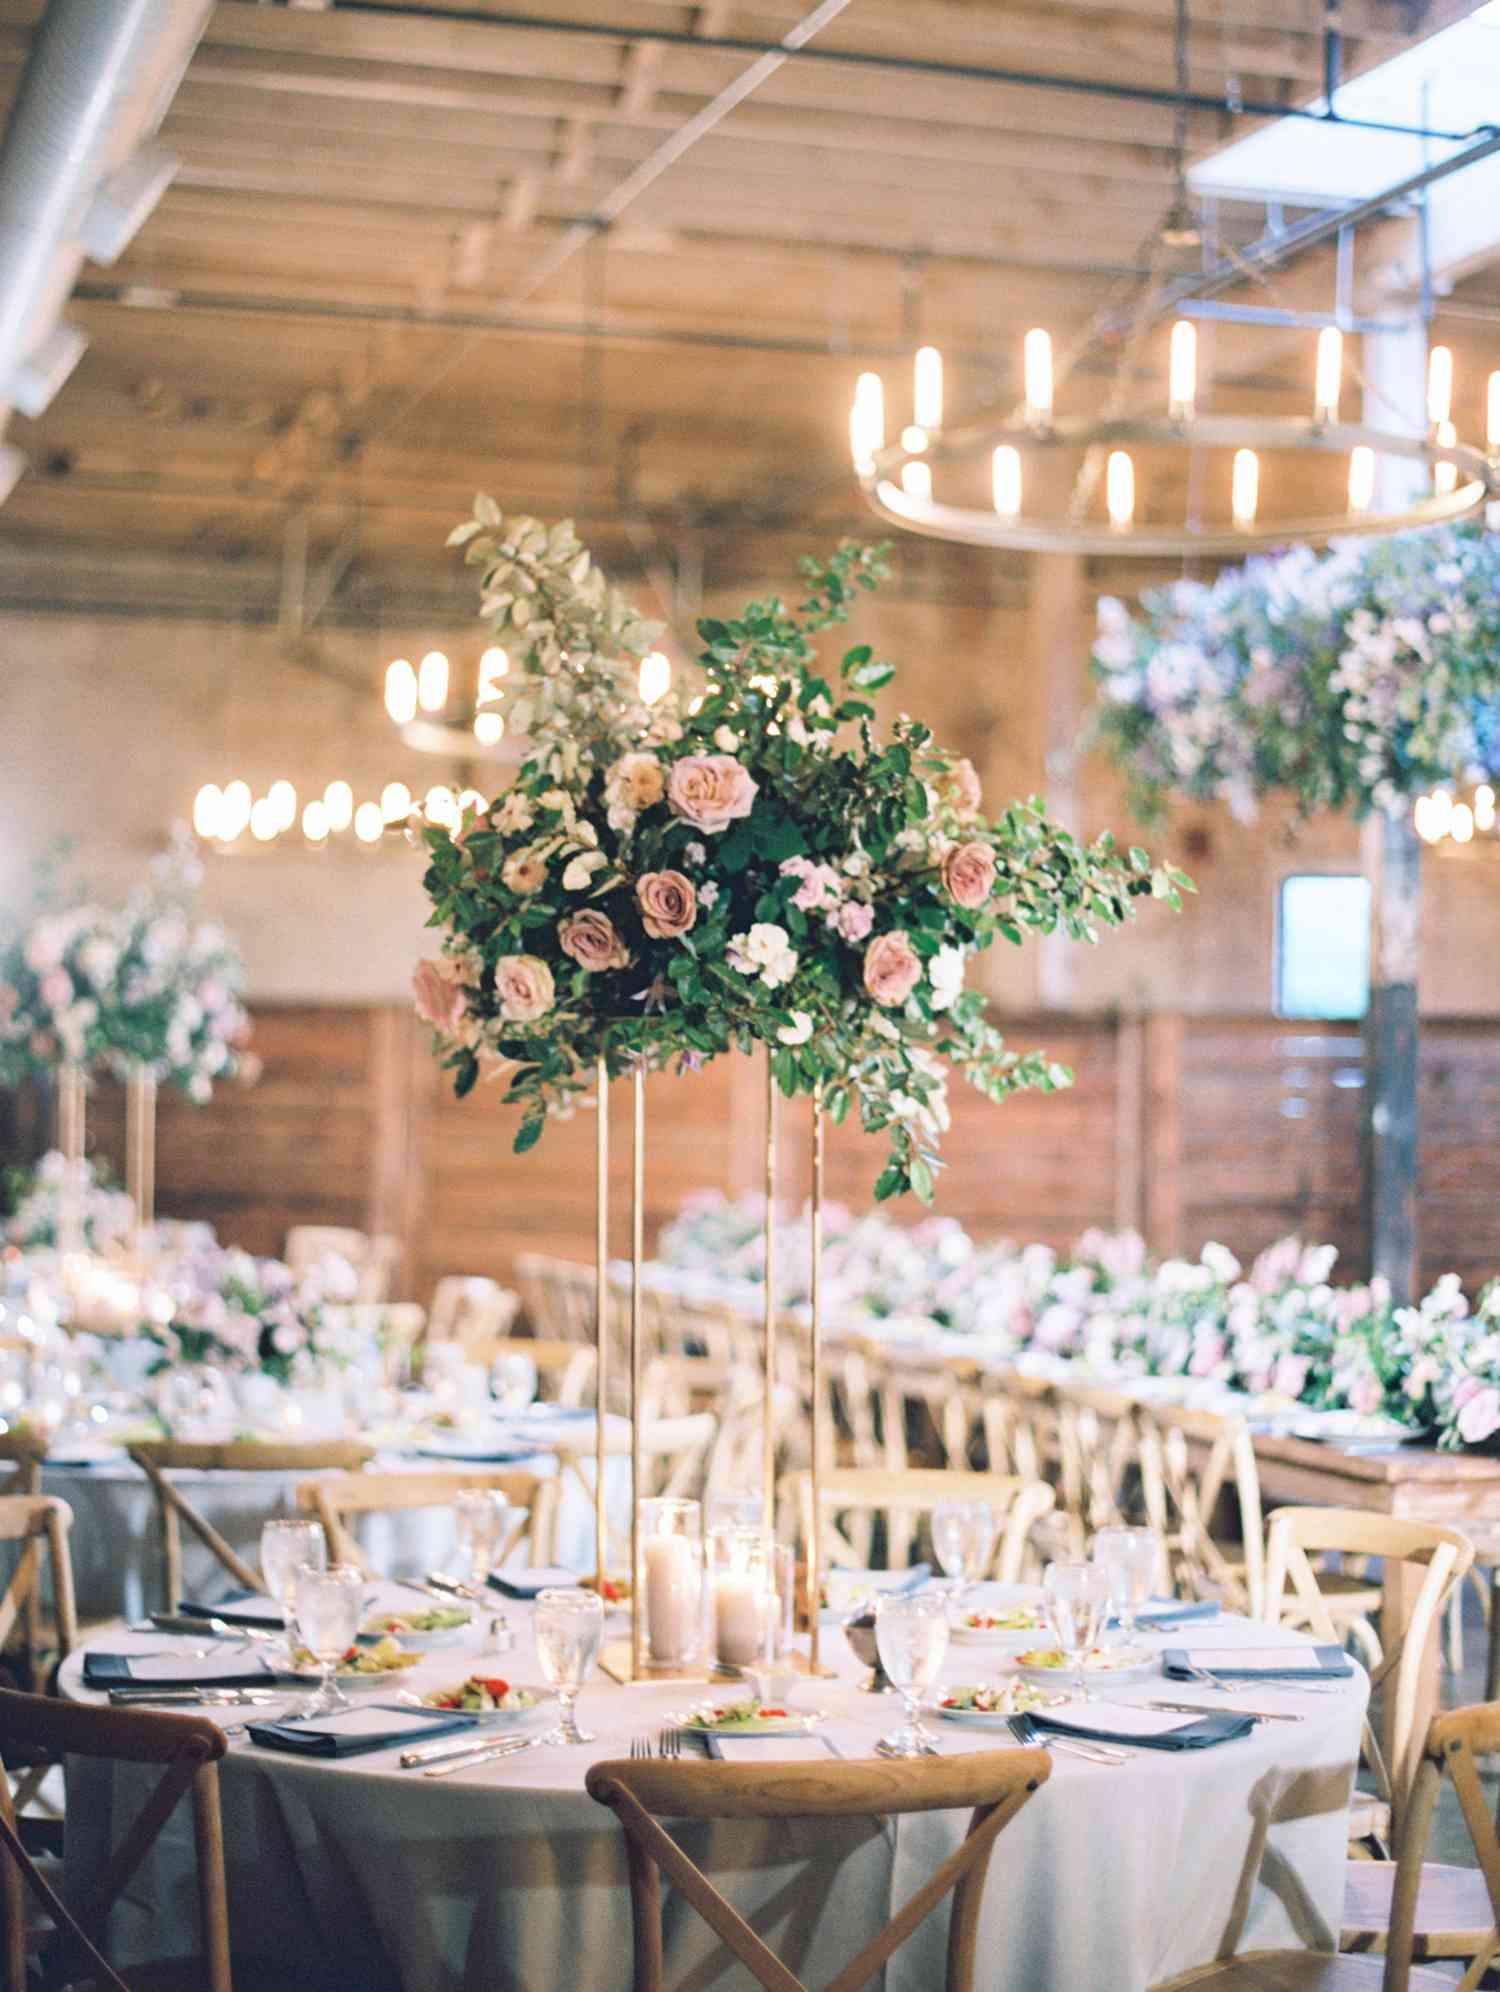 wedding centerpiece ideas we love